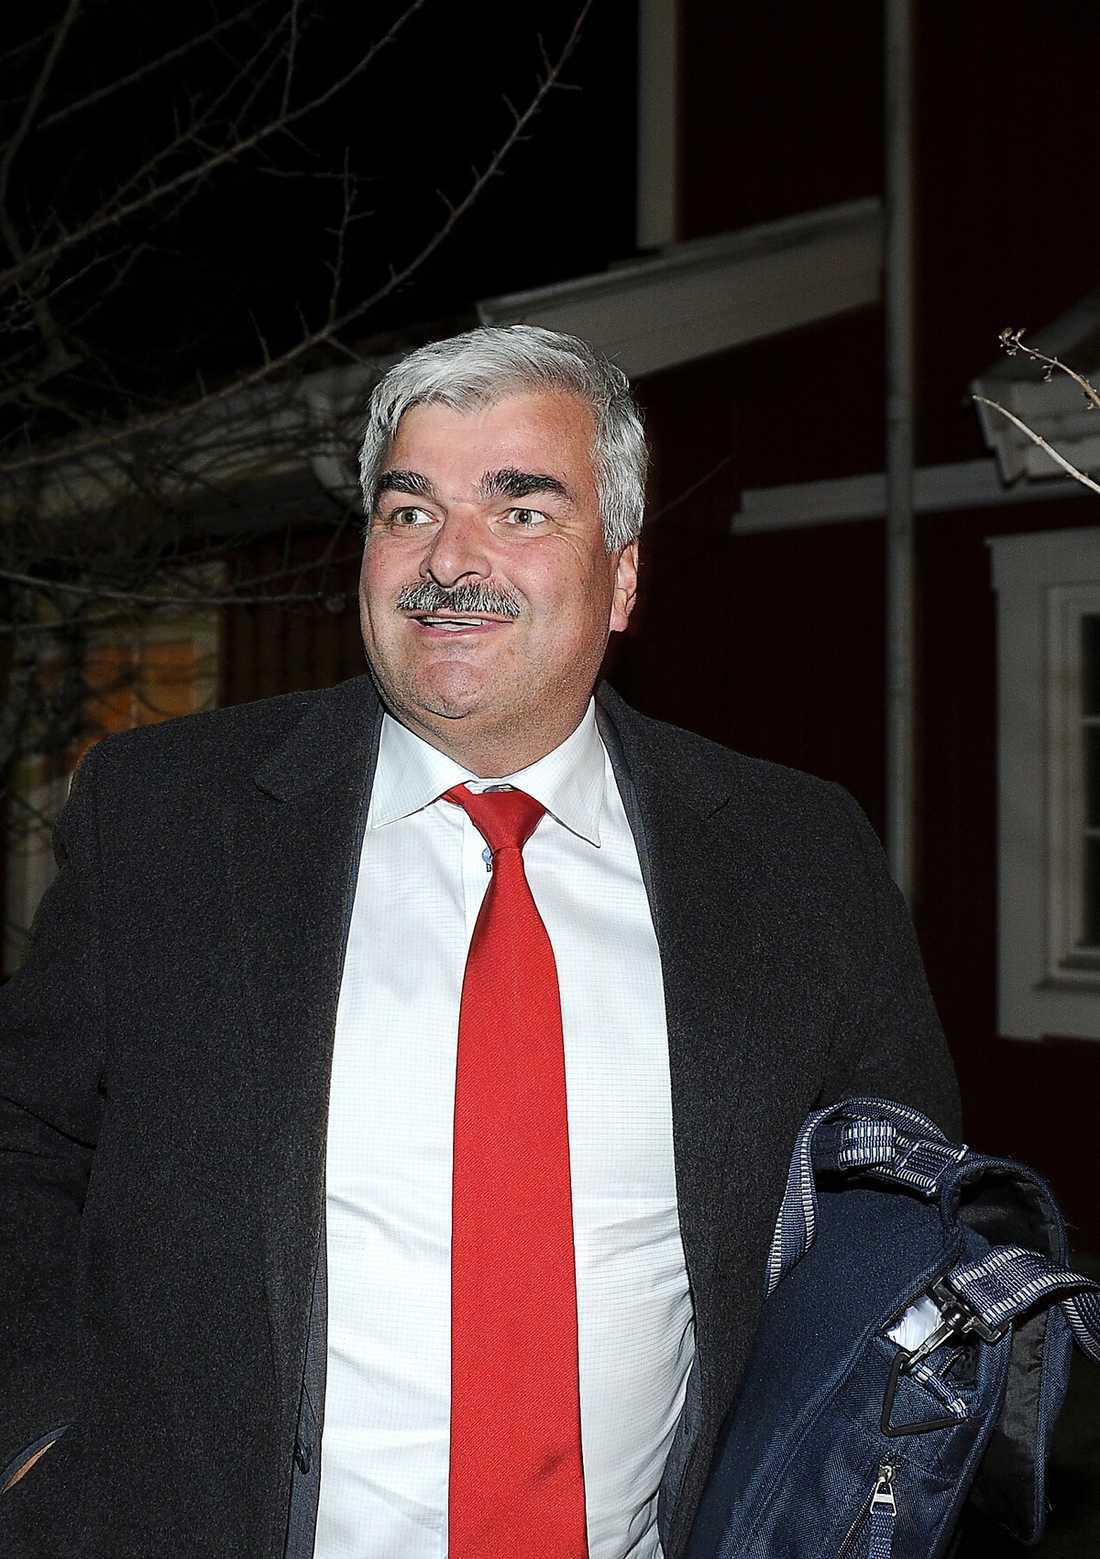 JOBB DIREKT Håkan Juholt kom inte hem till hemmets lugna vrå. Redan klockan 15 i dag blir det ny föreställning då S-ledaren håller pressträff.